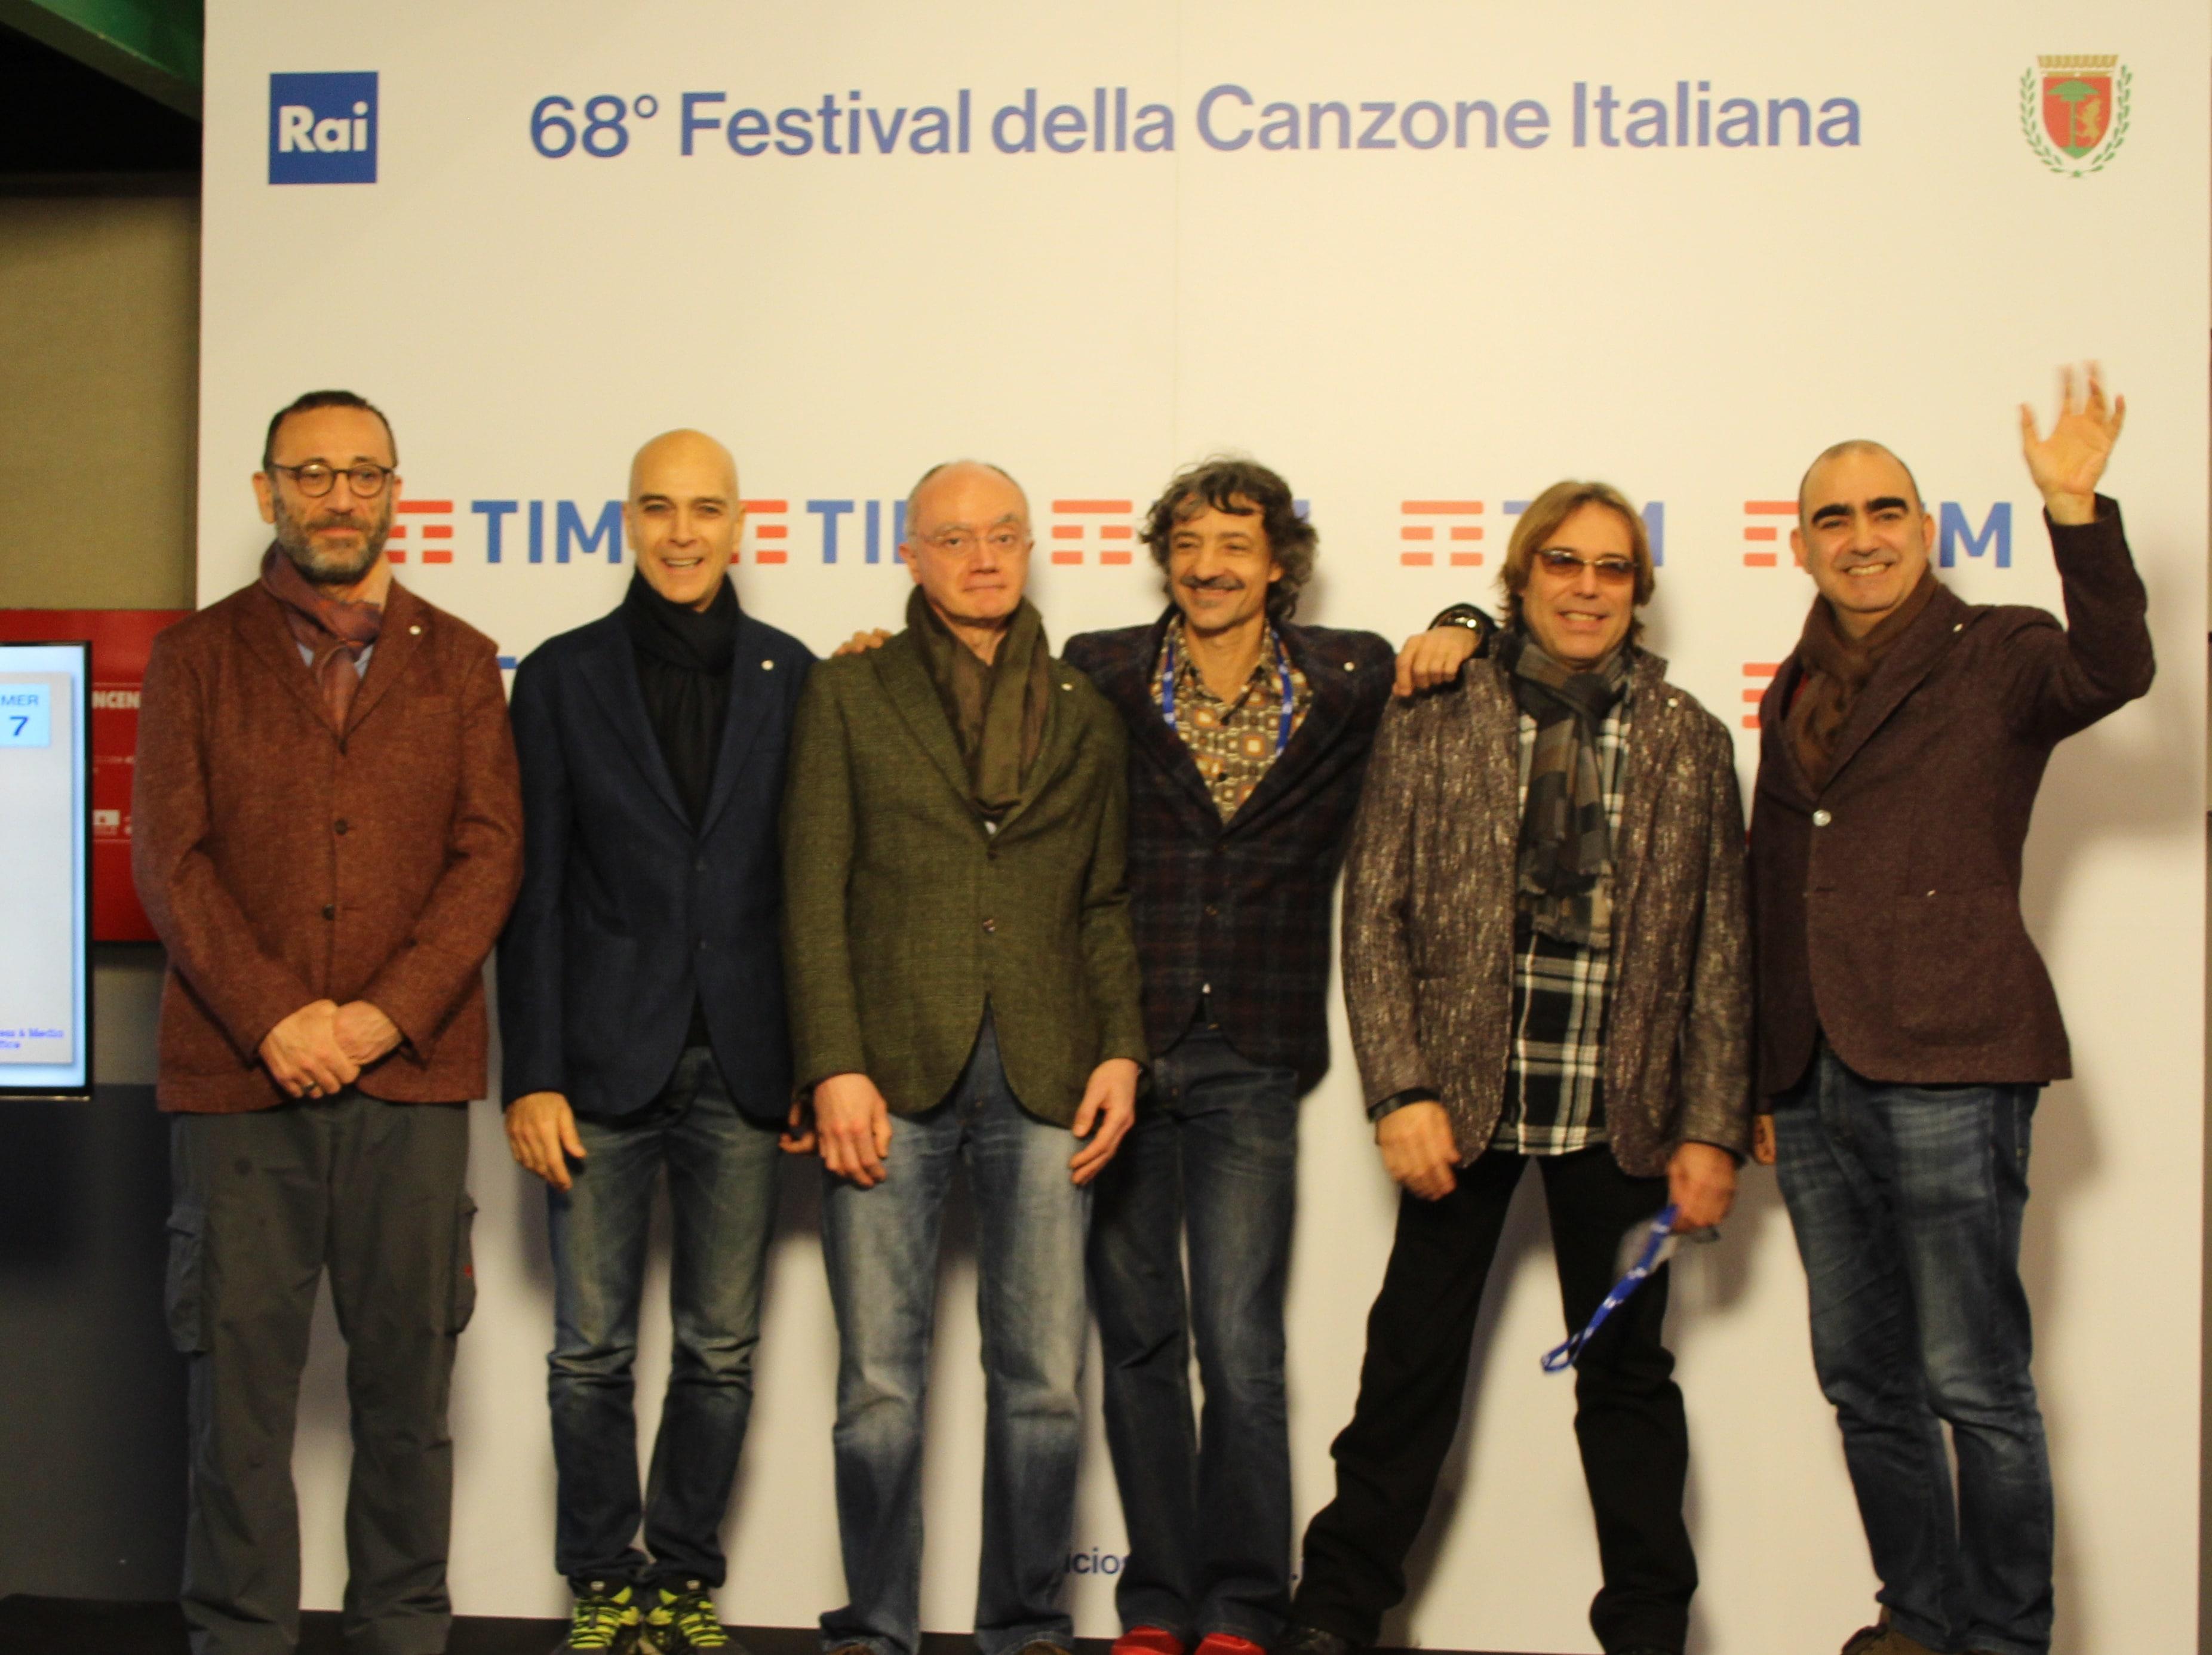 """La storica band a Sanremo con il brano """"Arrivedorci"""", un addio alla carriera tra sorrisi e amarezza"""